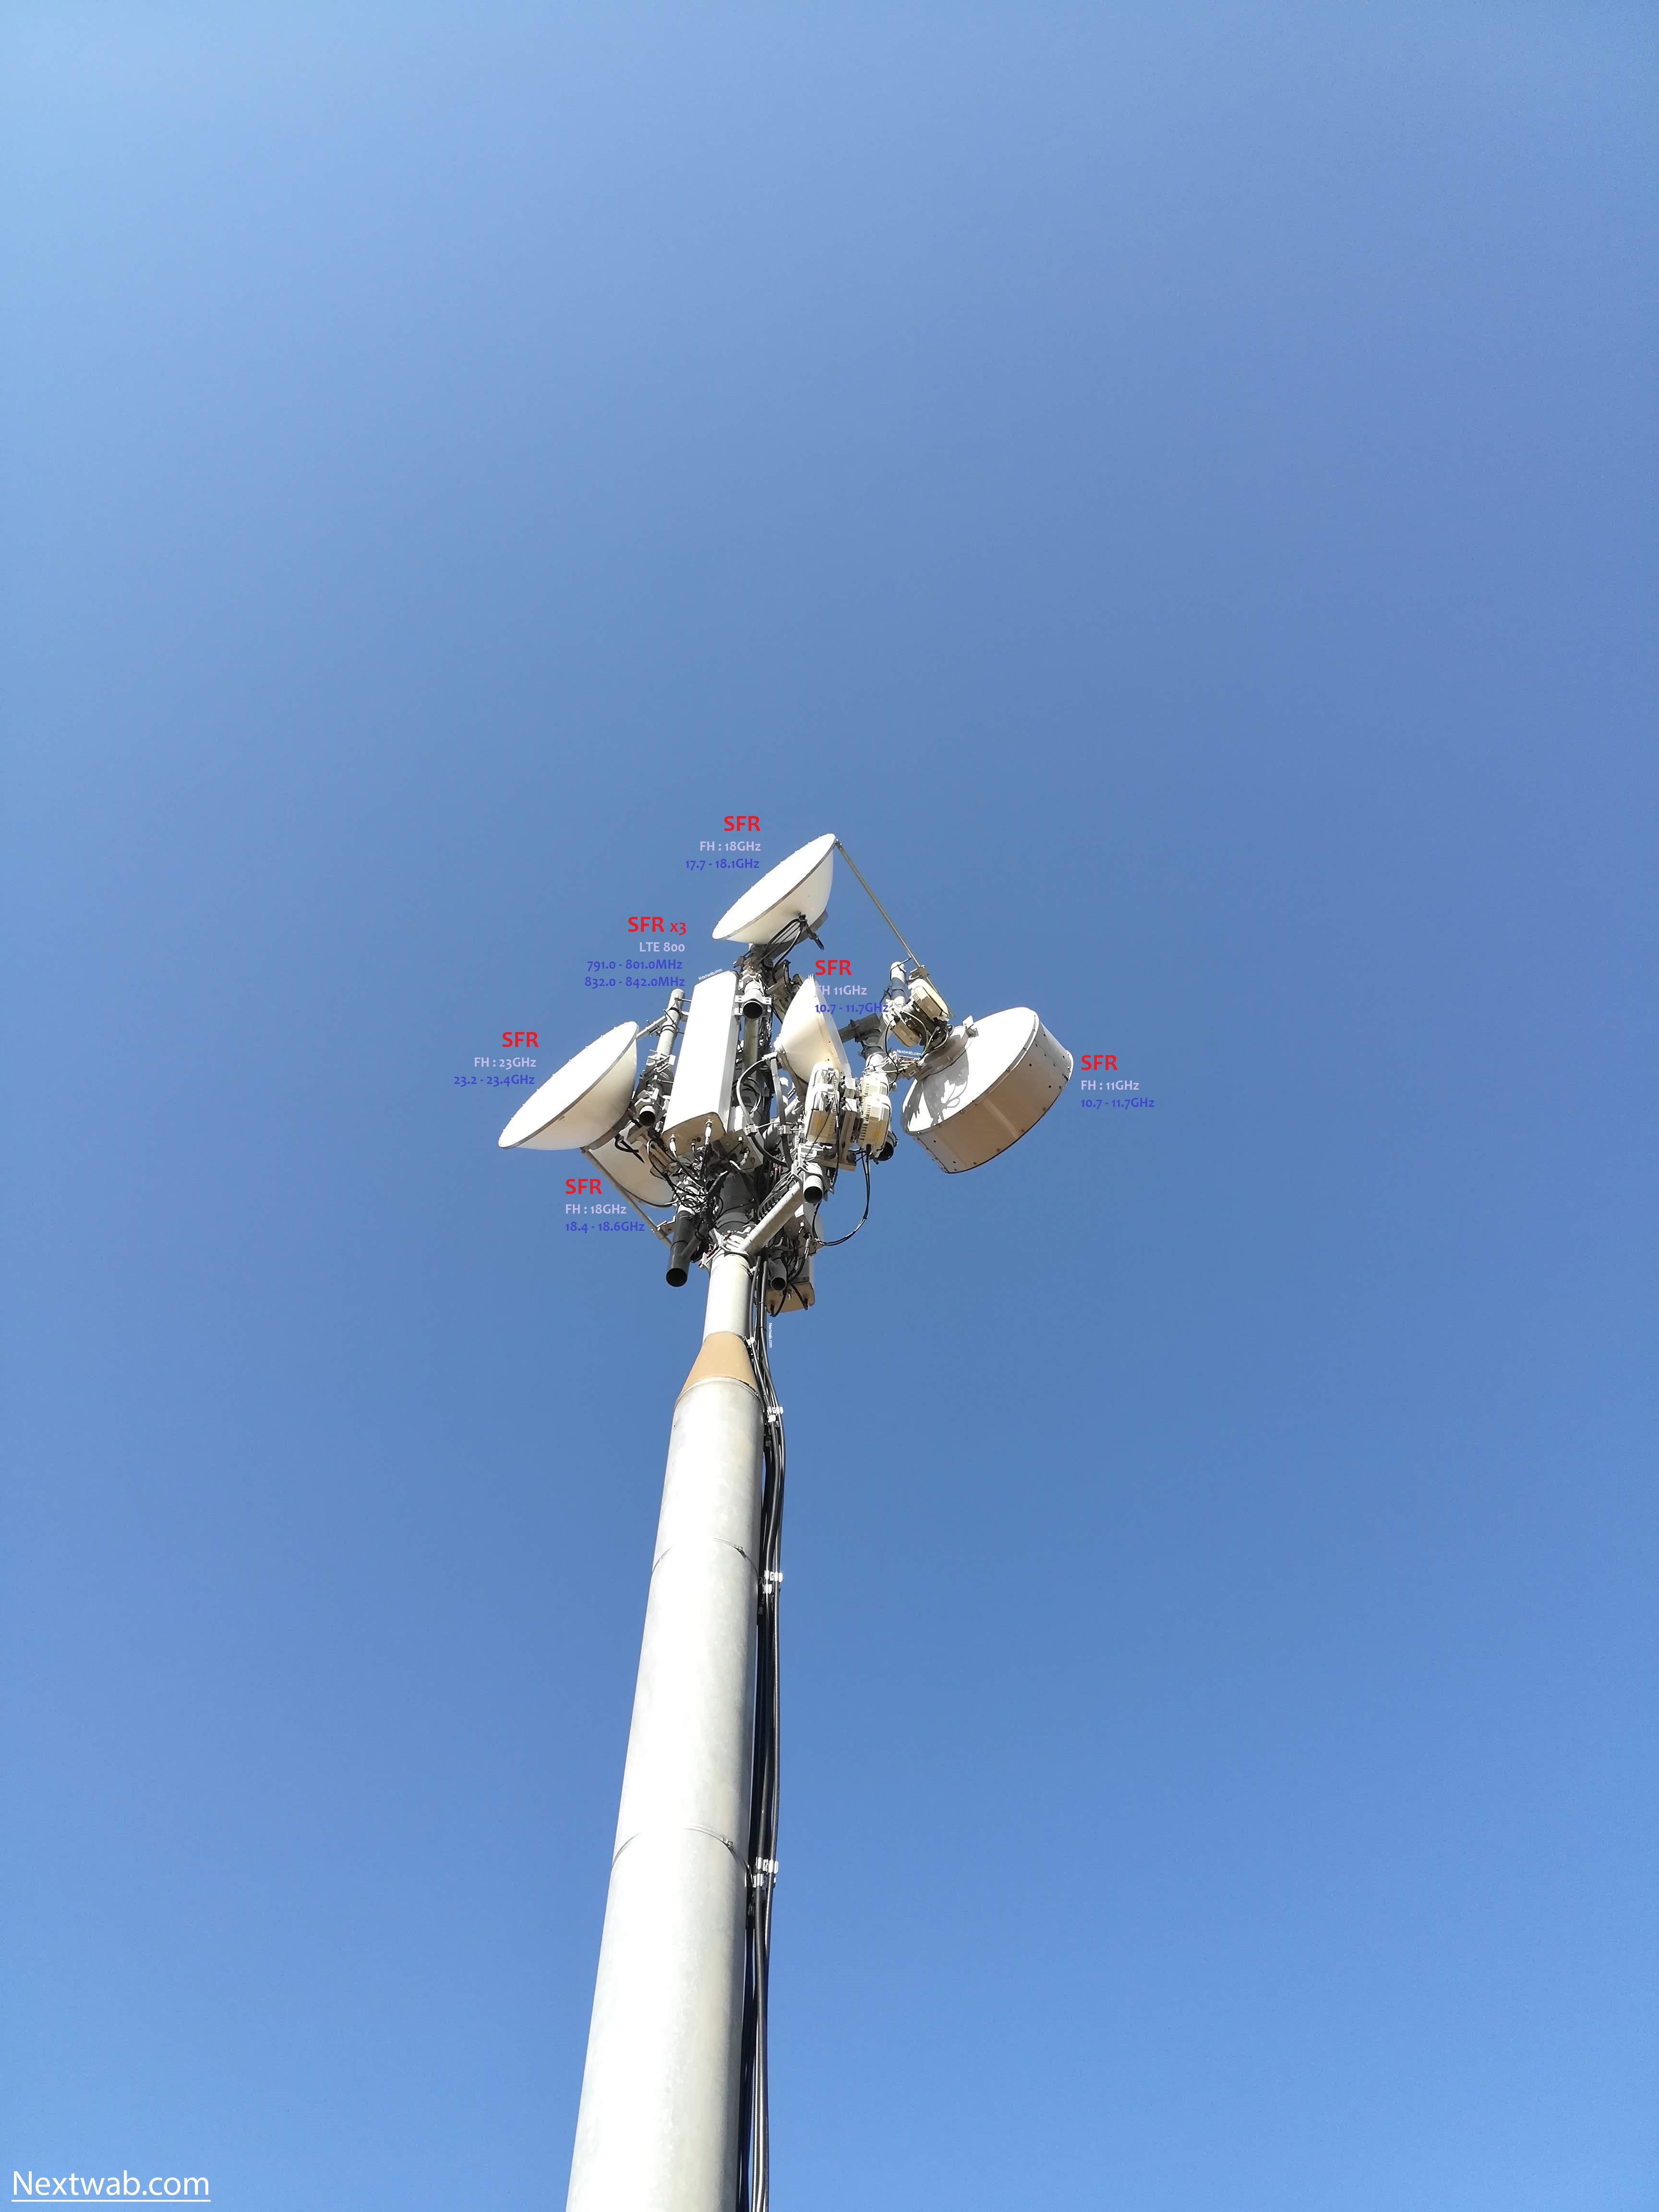 Antenne Relais SFR (Pylône Tubulaire) : Faisceaux Hertziens - 4G